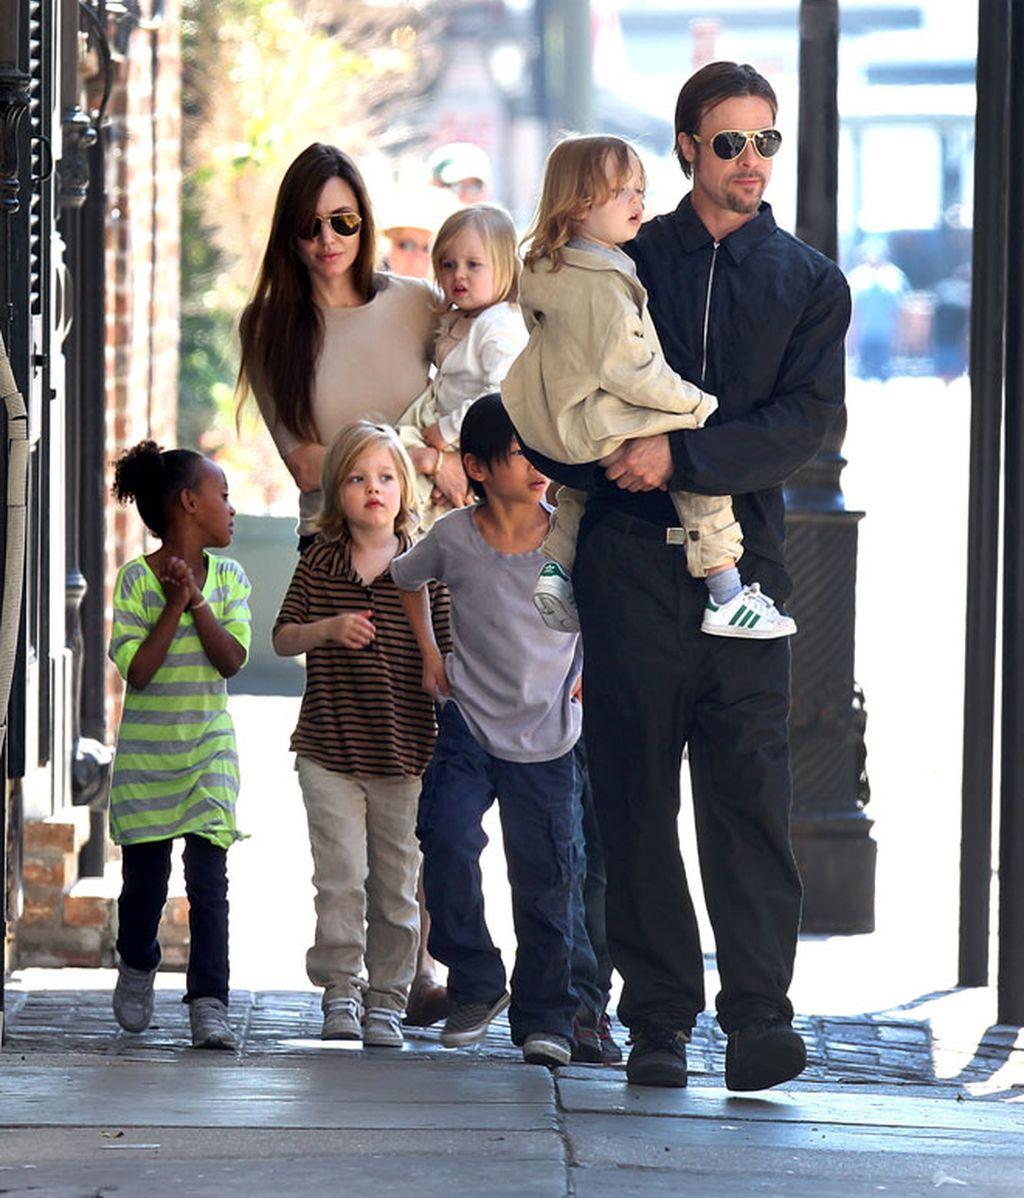 El paseo de Brad Pitt, Angelina Jolie y sus seis hijos por Nueva Orleans